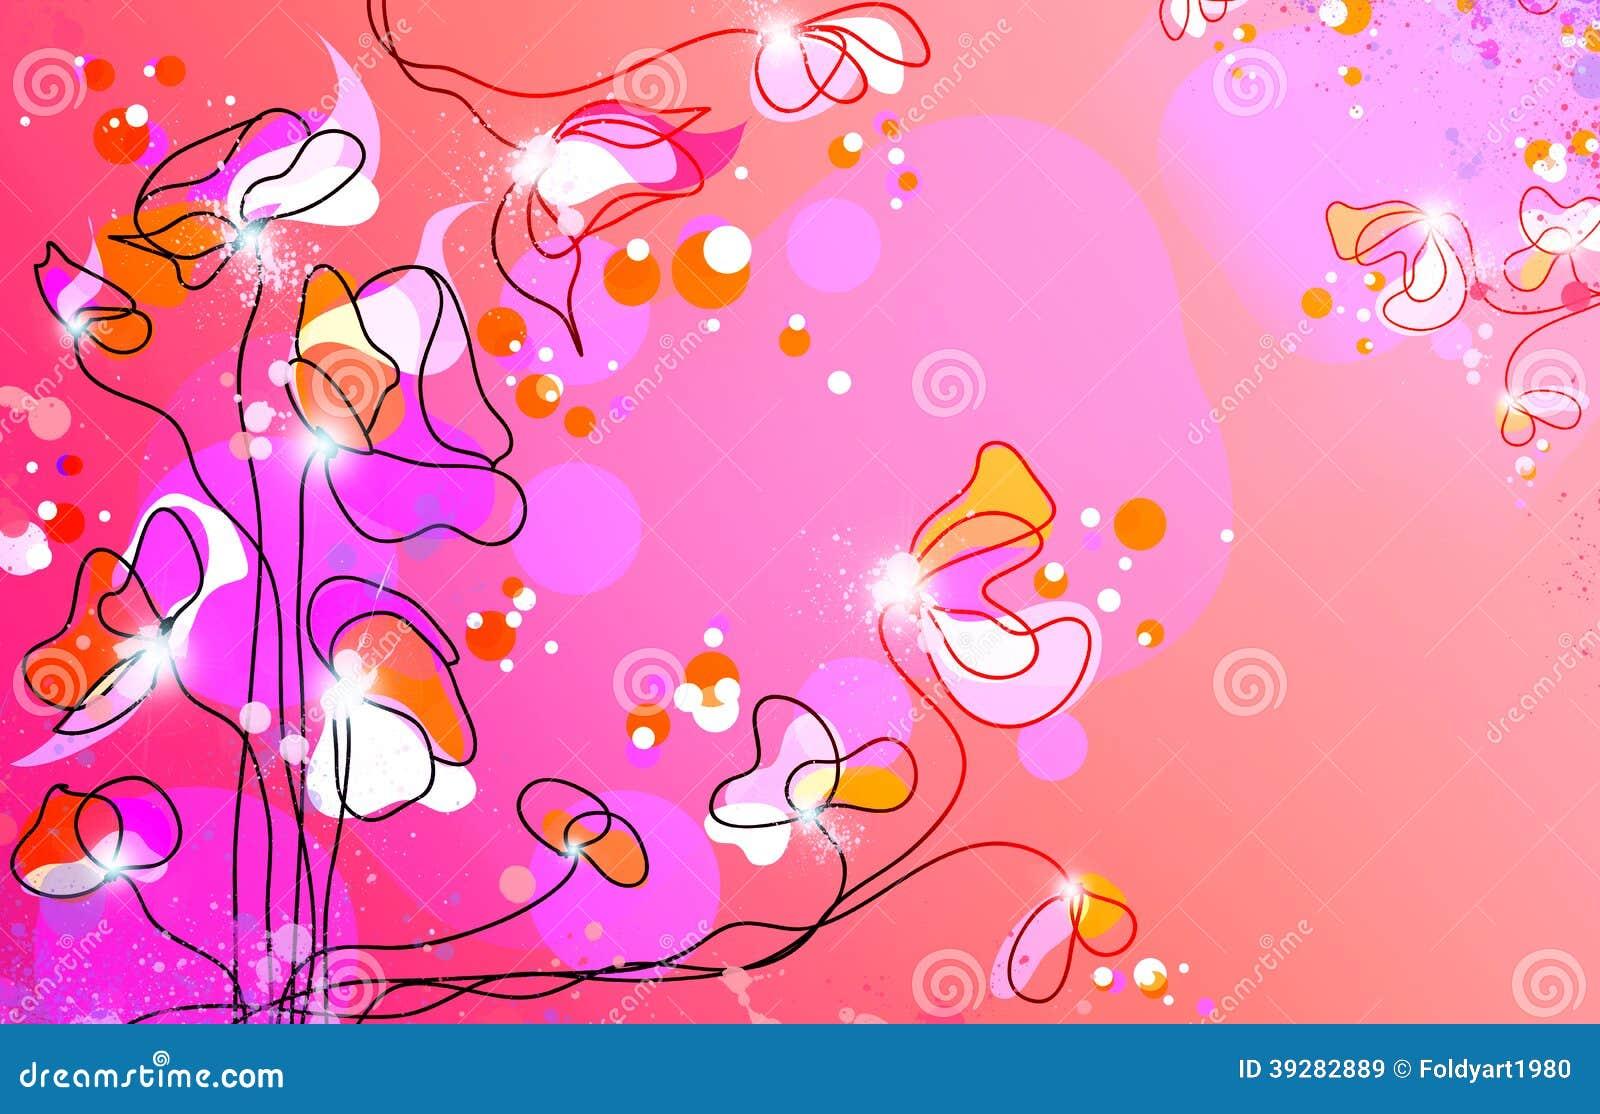 Luce del fiore